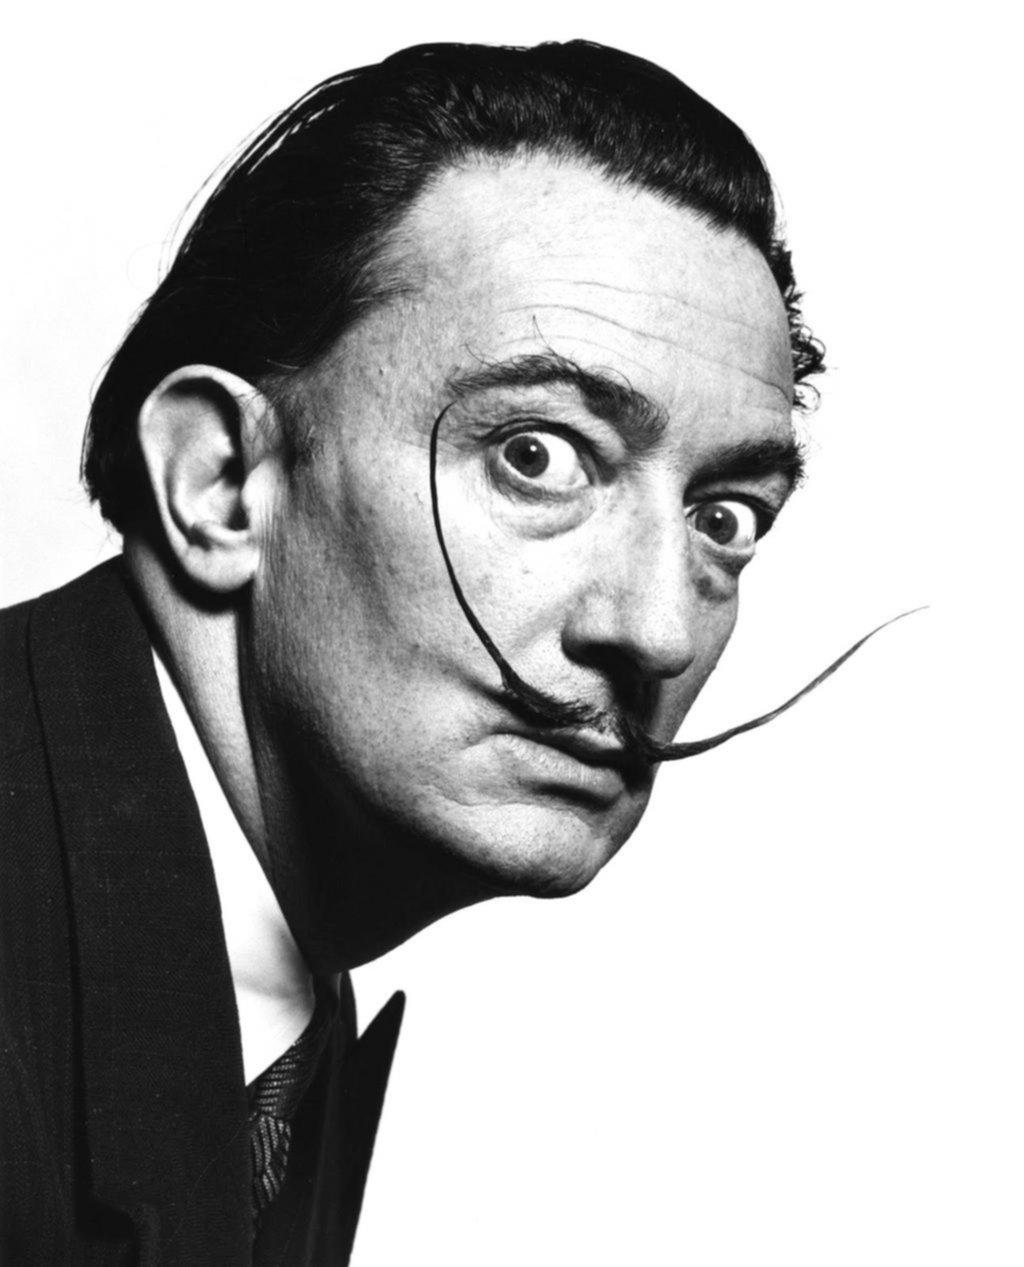 El genio surrealista de Dalí brilla en su obra gráfica